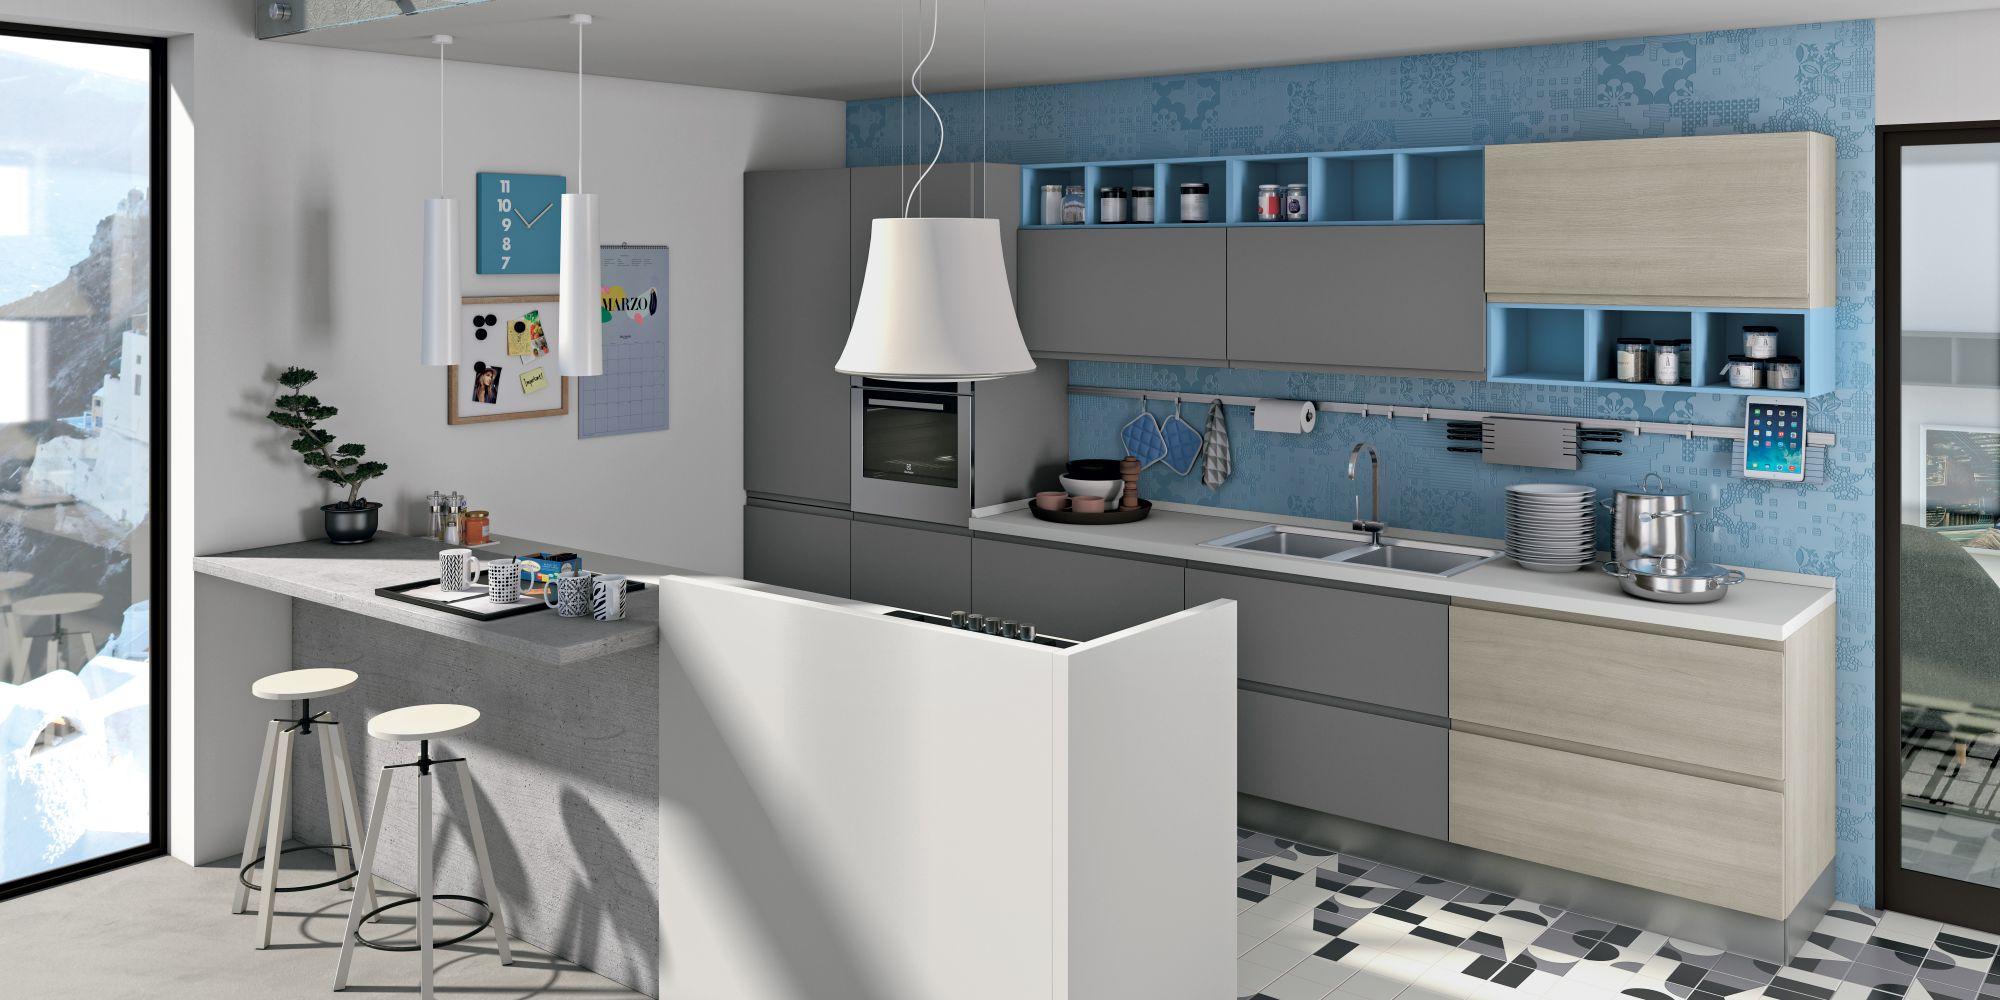 Come Modificare Una Cucina Componibile guida completa sull'acquisto di una cucina lube